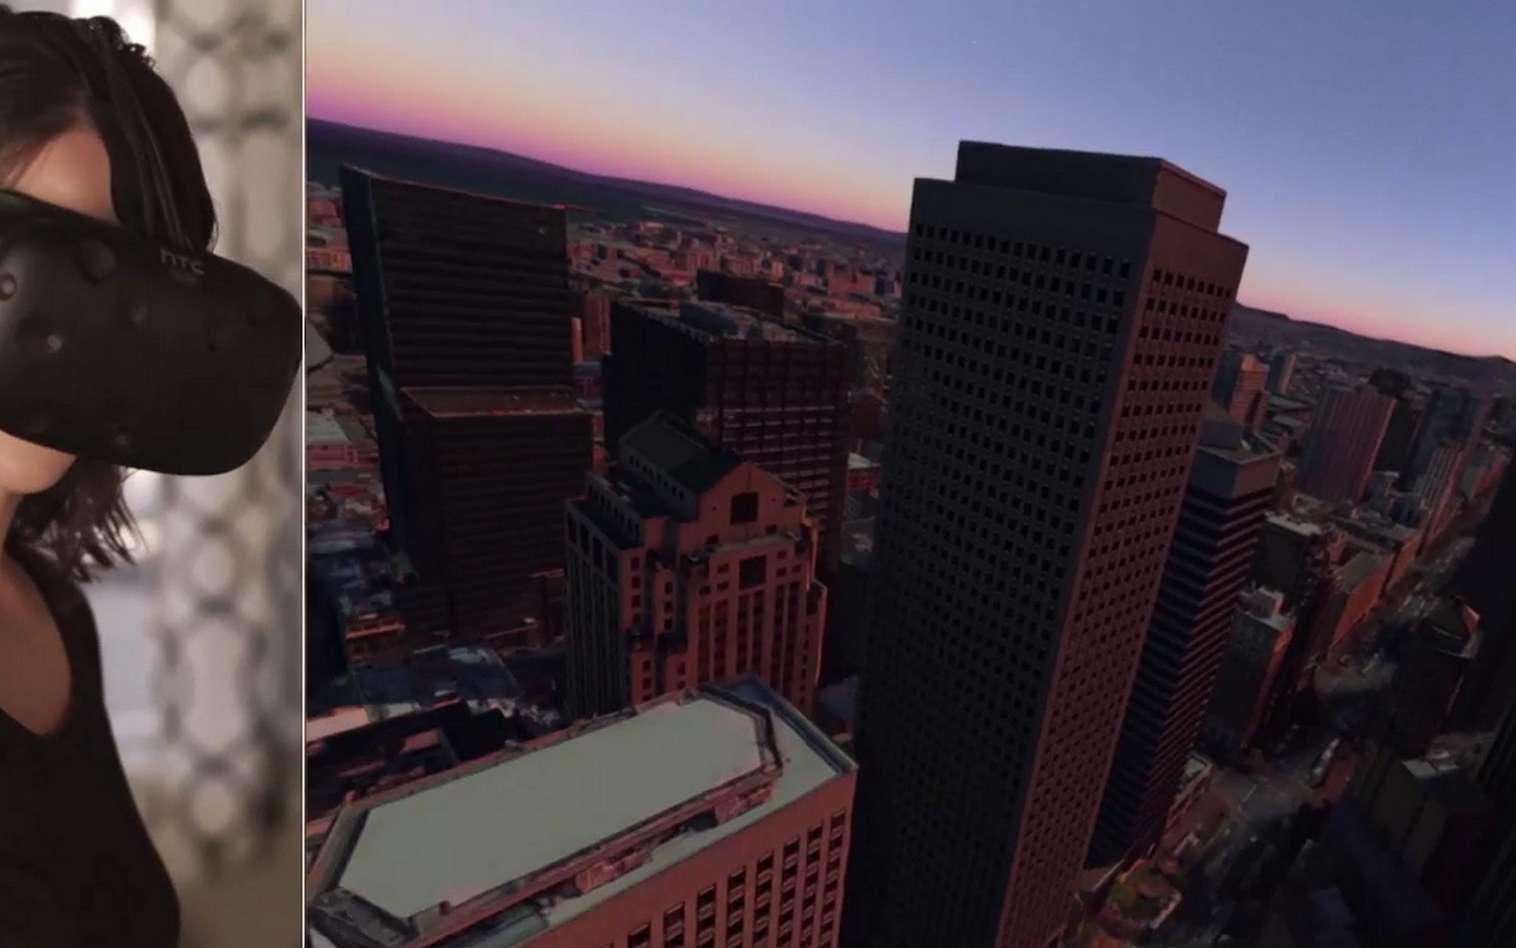 L'application Google Earth VR permet de s'immerger dans le décor pour partir à la découverte de villes, paysages et monuments à travers le monde entier. © Google